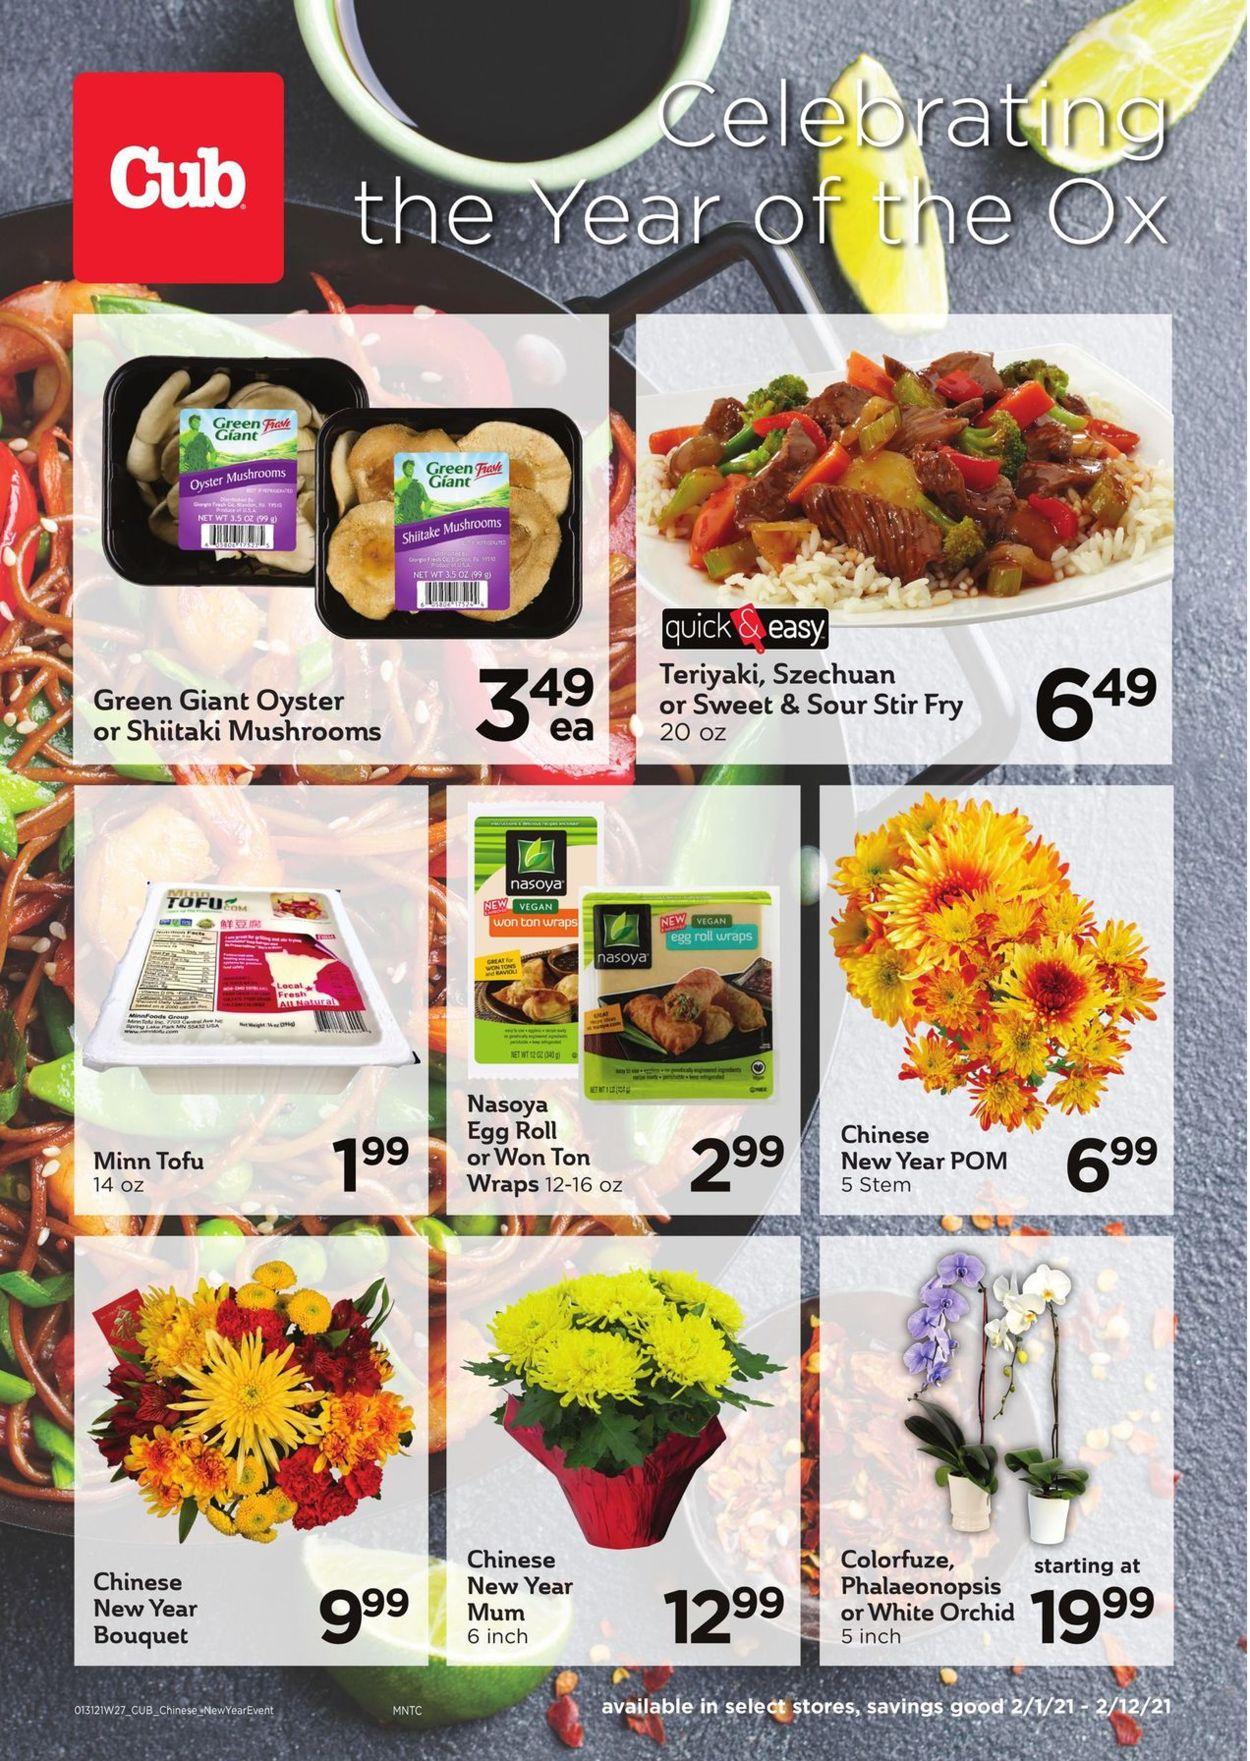 Cub Foods Weekly Ad Circular - valid 02/01-02/12/2021